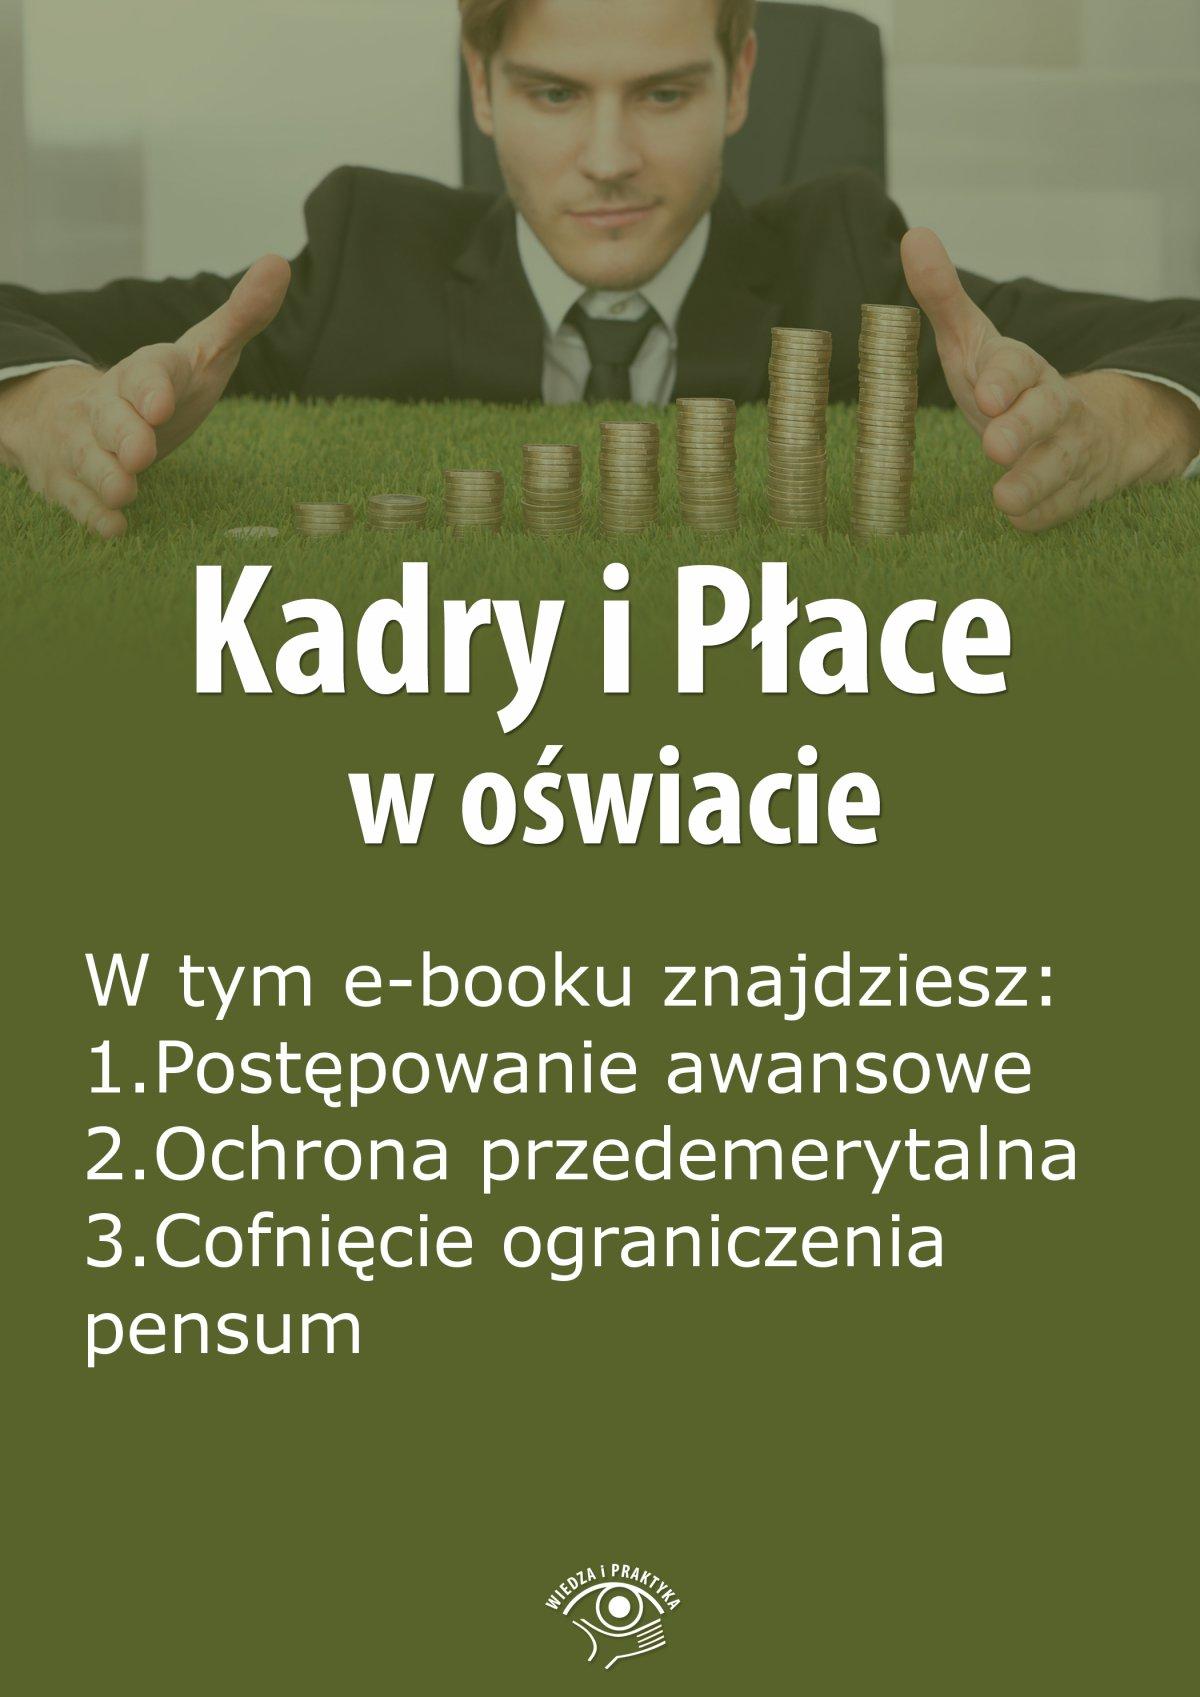 Kadry i Płace w oświacie, wydanie wrzesień 2015 r. - Ebook (Książka EPUB) do pobrania w formacie EPUB